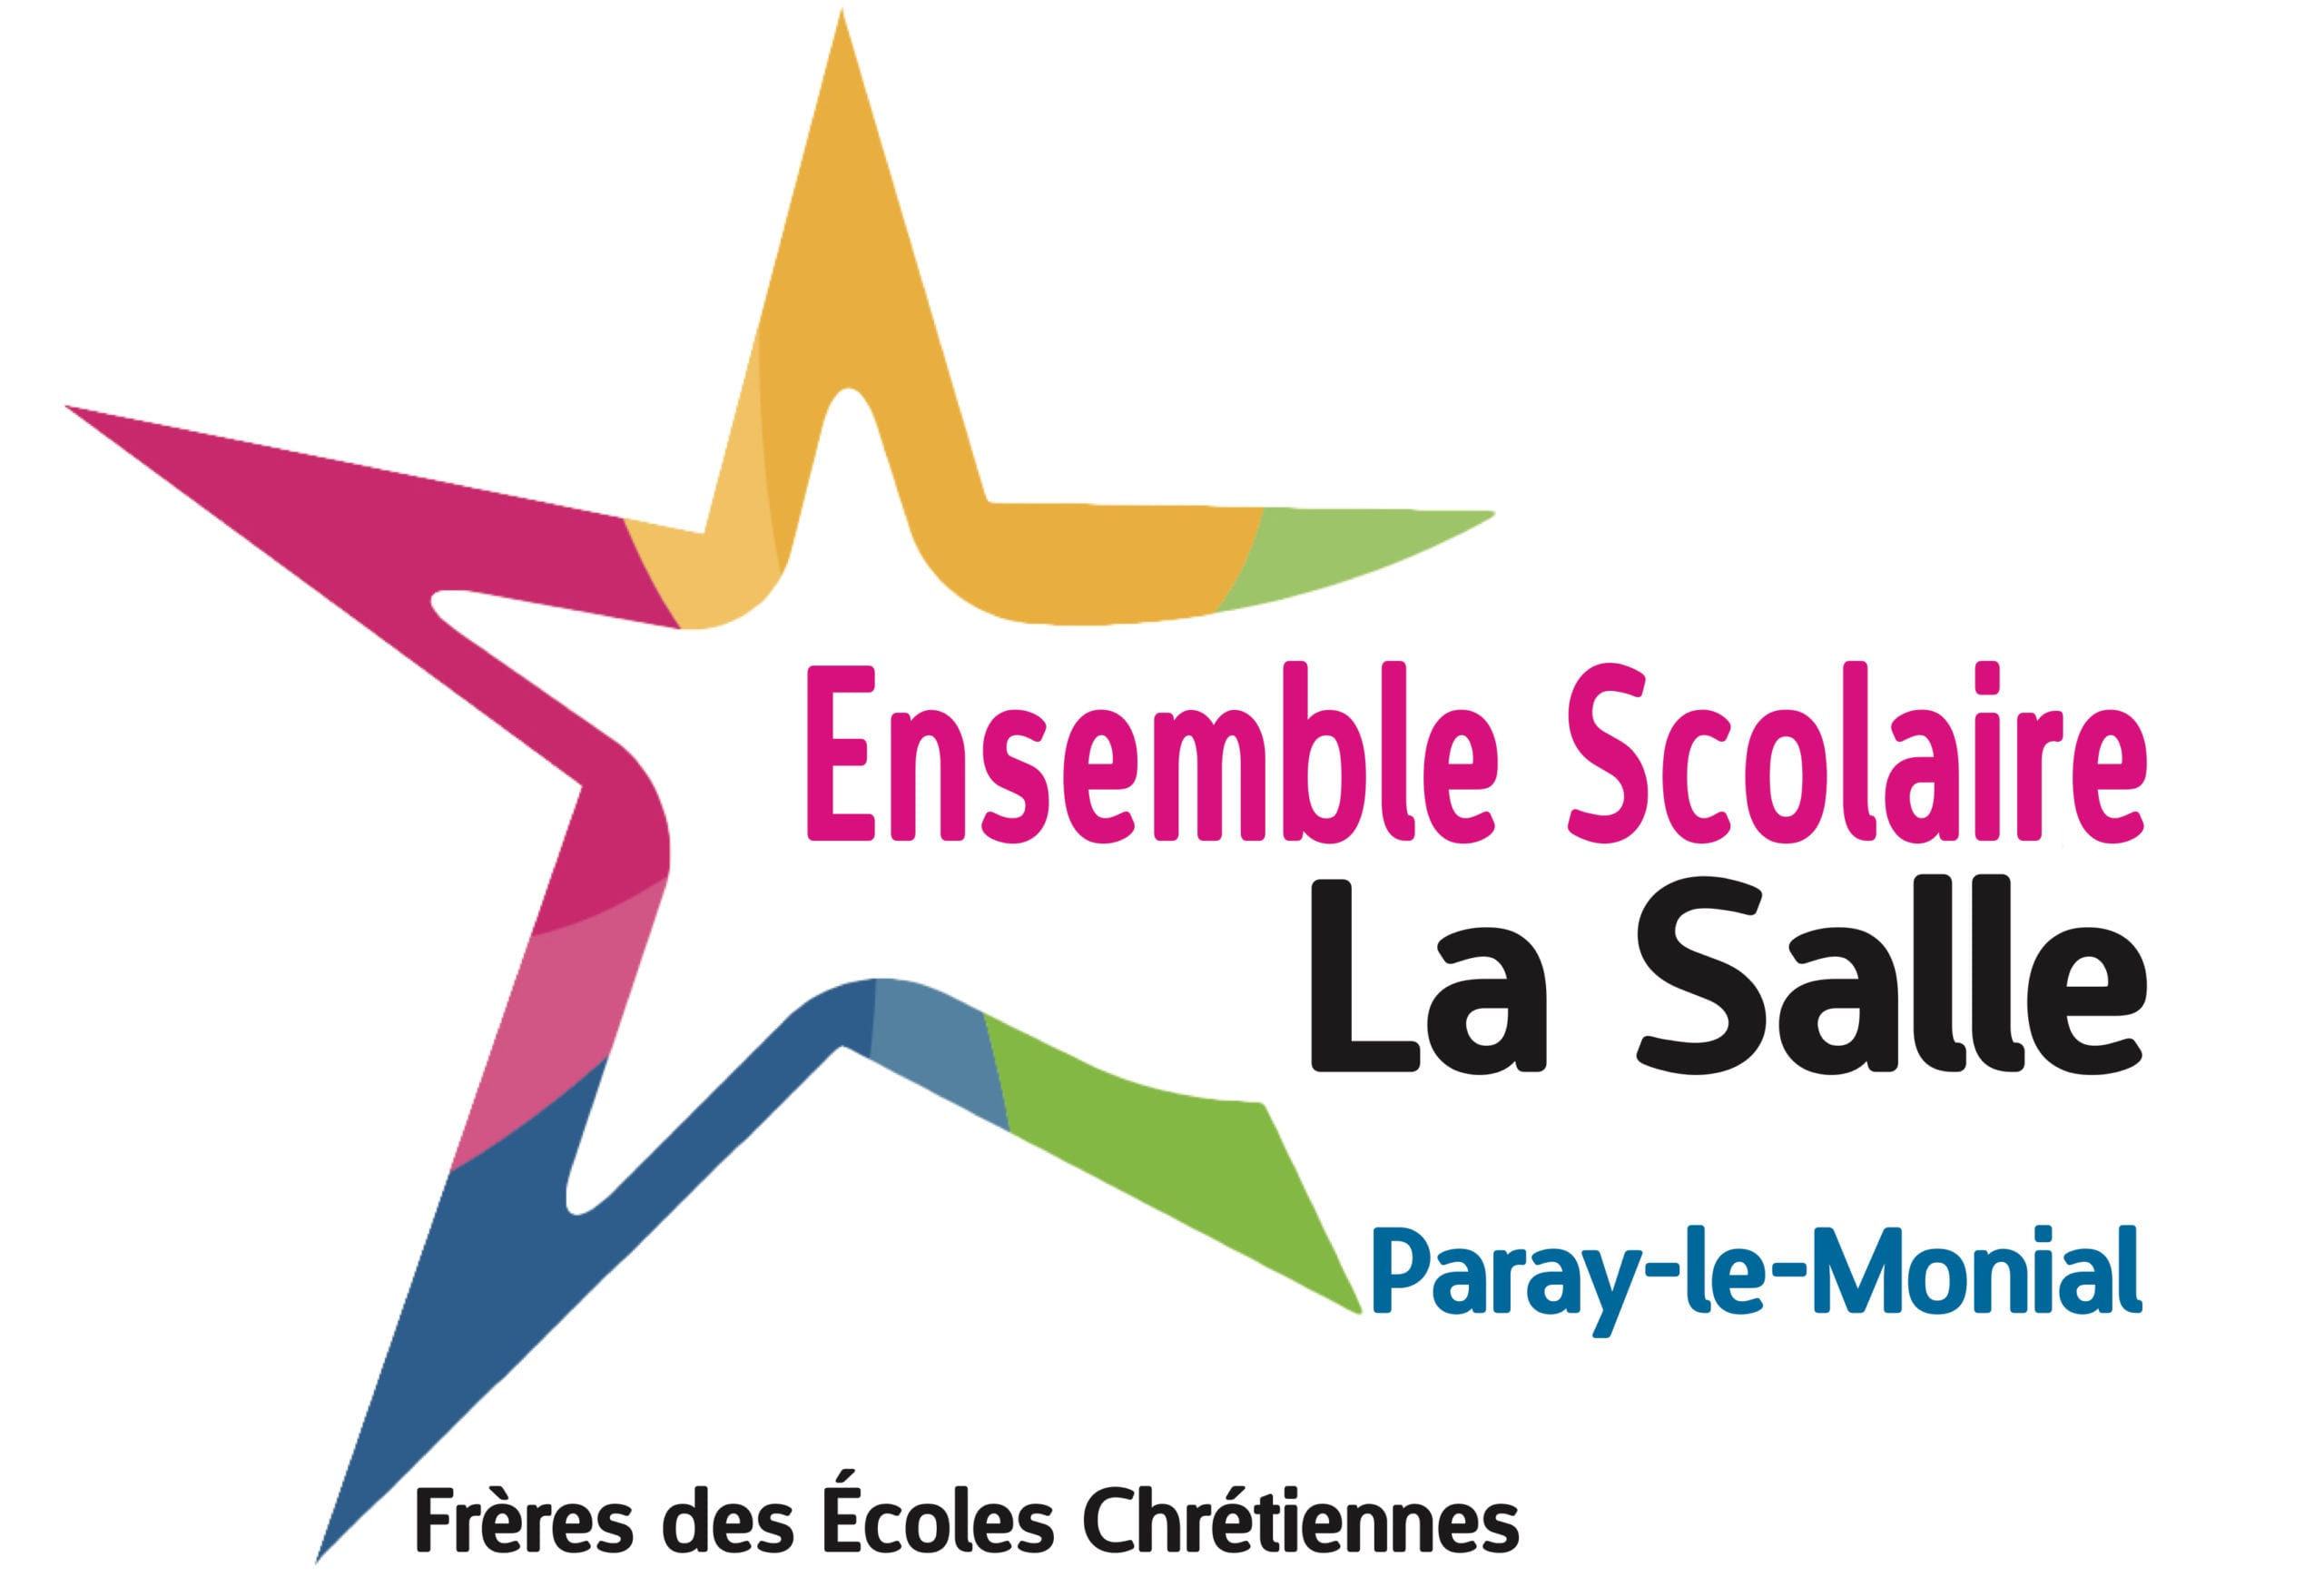 La Salle Paray le Monial